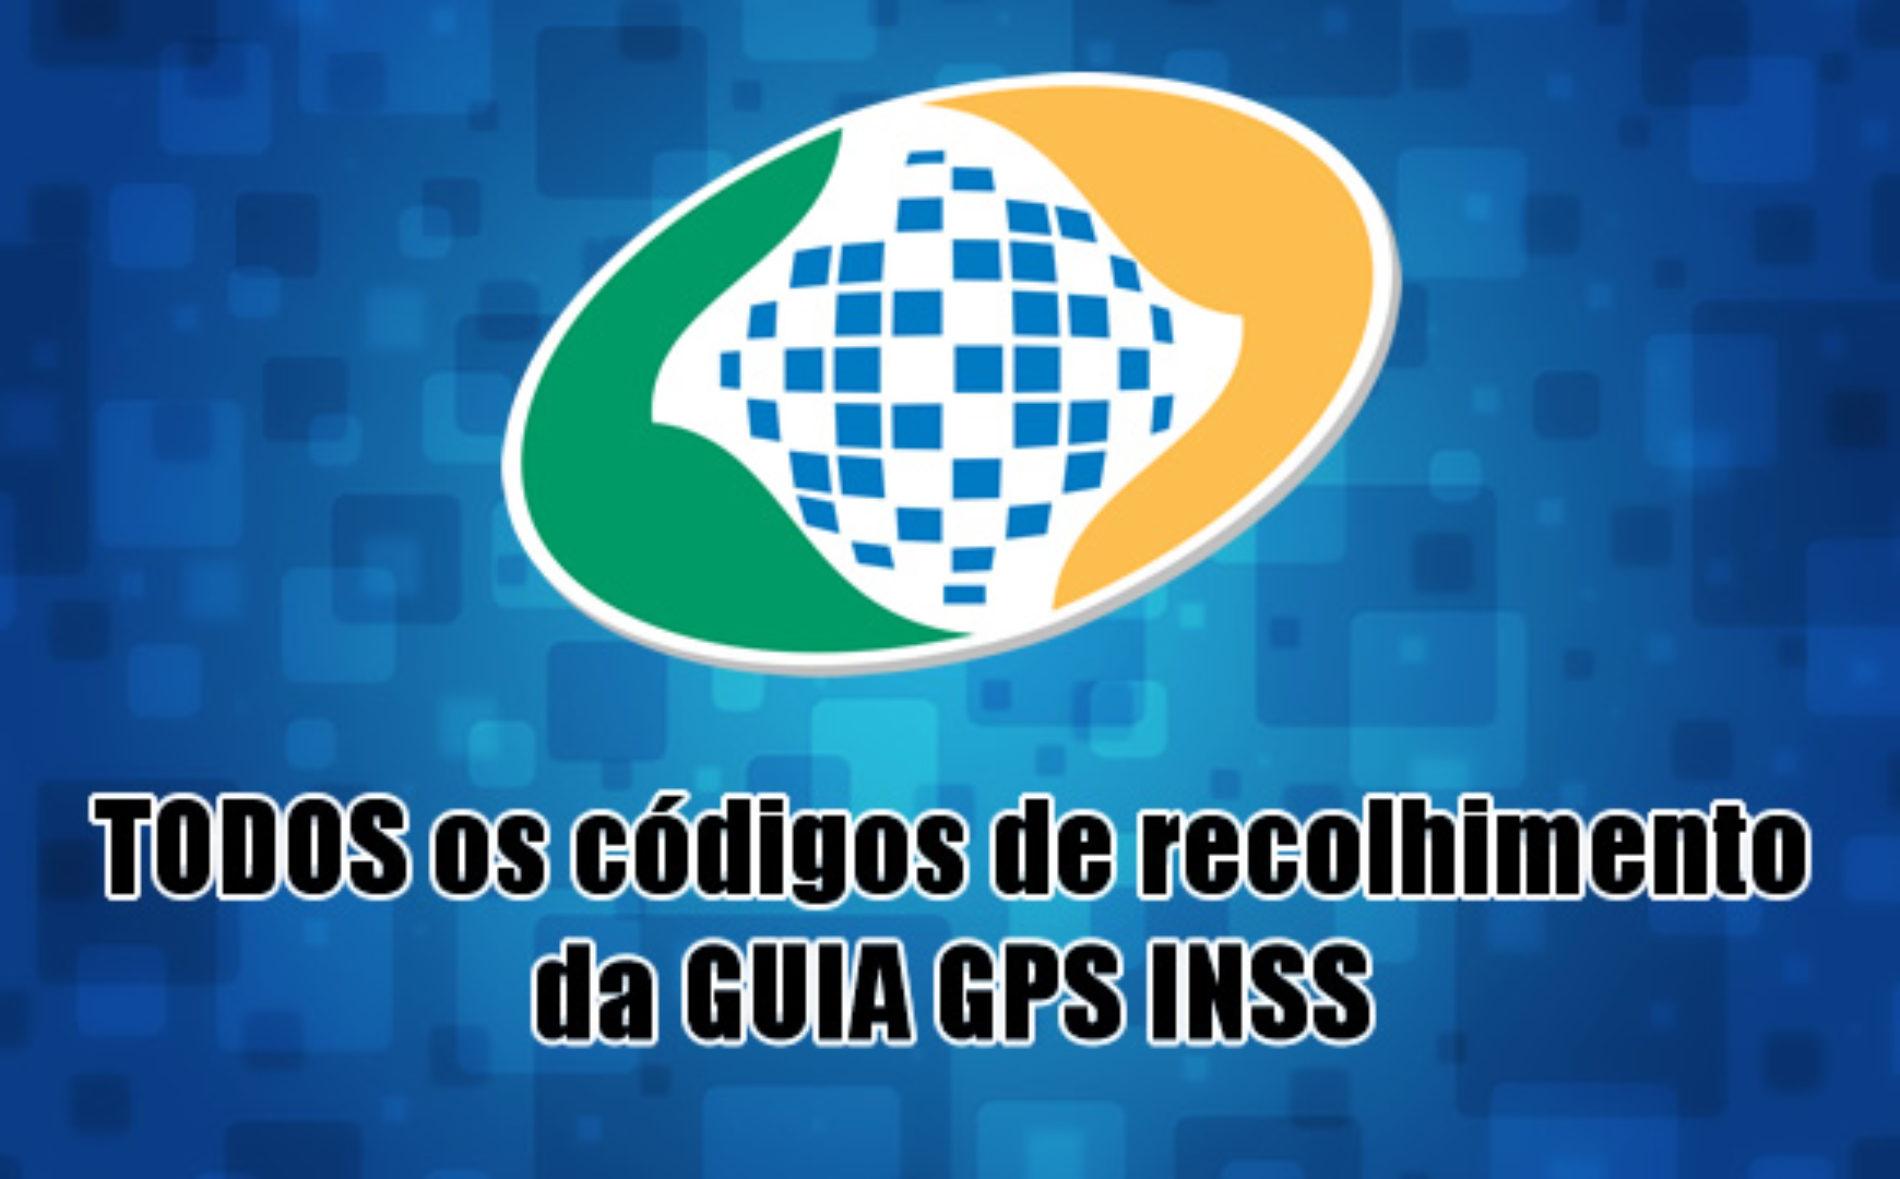 TODOS os códigos de recolhimento INSS da Guia Previdência Social GPS